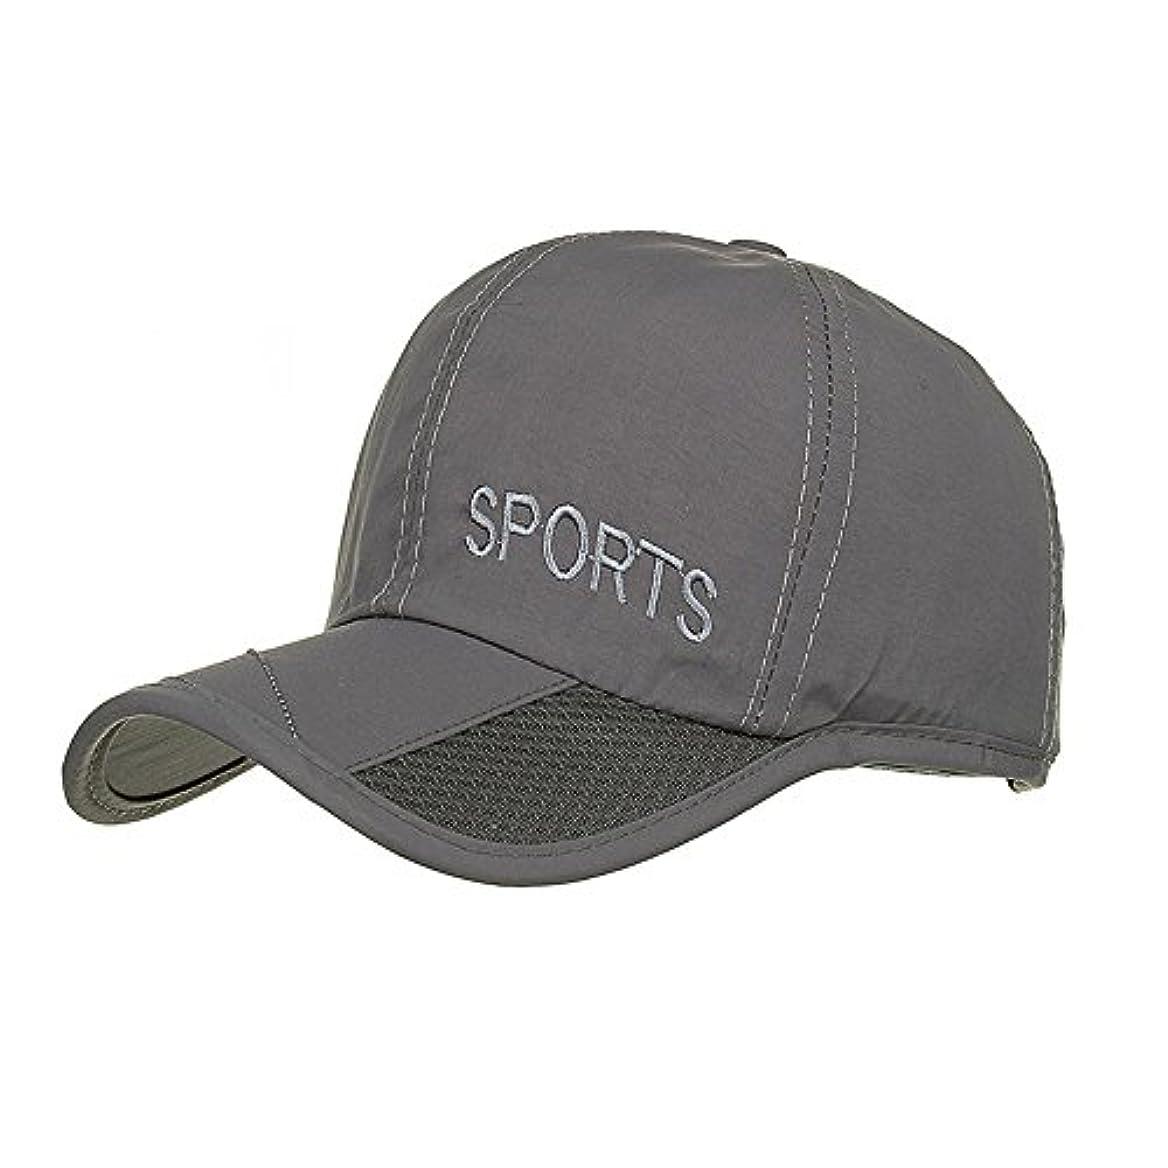 考案するスティーブンソン人事Racazing Cap 男女兼用 野球帽 夏 登山 通気性のある メッシュ 帽子 ベルクロ 可調整可能 刺繍 棒球帽 UV 帽子 軽量 屋外 Unisex Hat (グレー)